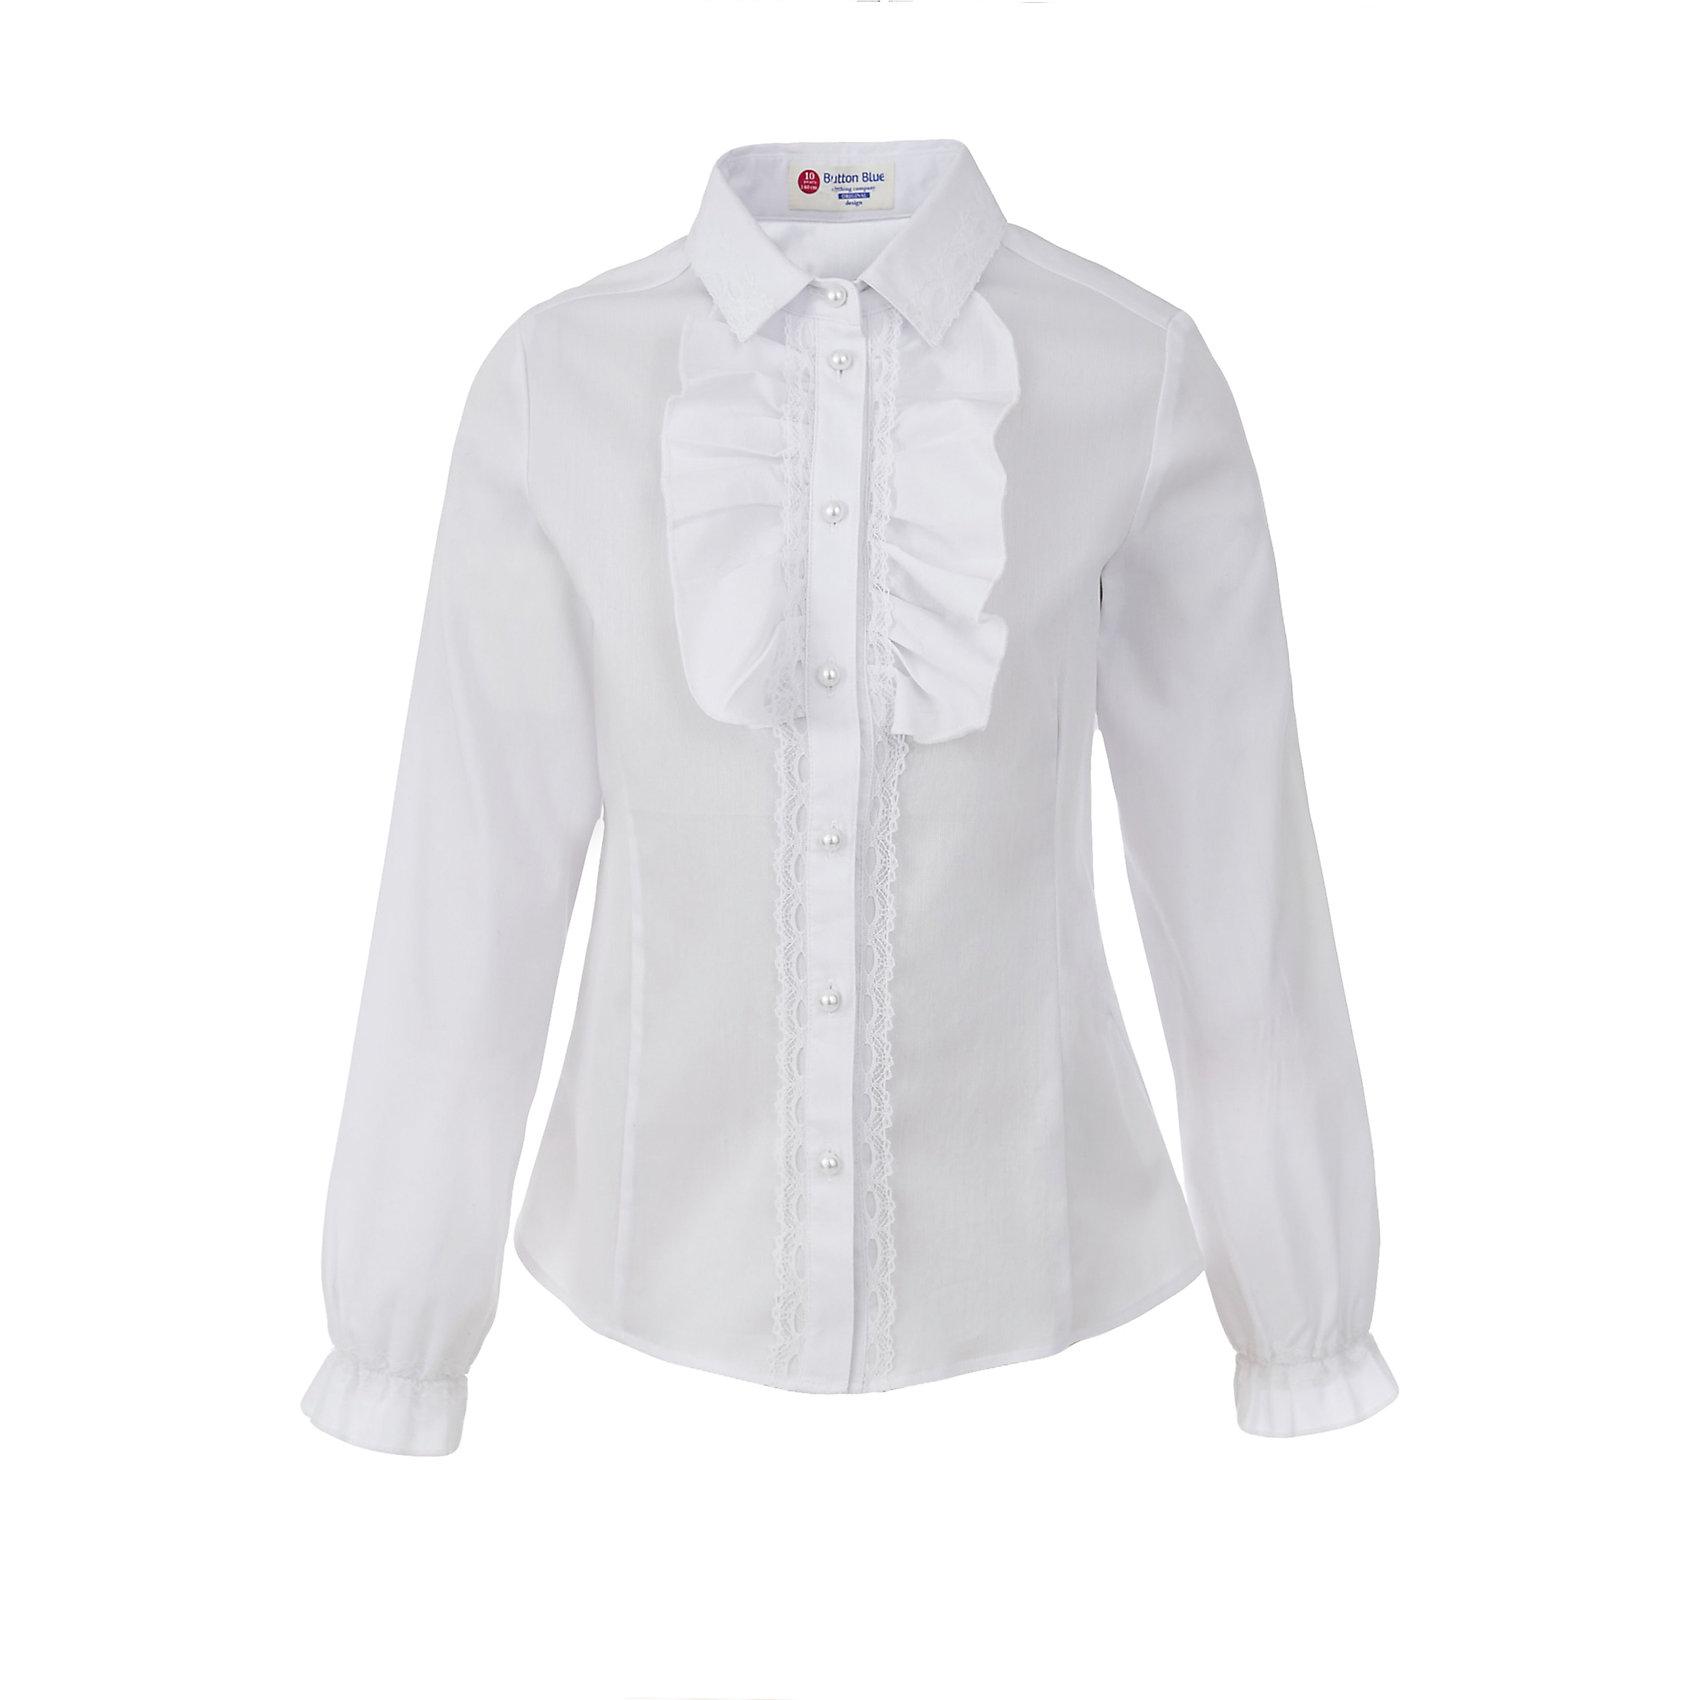 Блузка для девочки BUTTON BLUEБлузки и рубашки<br>Блузка для девочки BUTTON BLUE<br>Блузки для школы купить не сложно, но выбрать модель, сочетающую прекрасный состав, элегантный дизайн, привлекательную цену, не так уж и легко. Купить красивую школьную блузку для девочки недорого возможно, если это блузка от Button Blue! Не откладывайте покупку! Школьная блузка с жабо понадобится 1 сентября как никогда, придав образу торжественность и элегантность.<br>Состав:<br>62% хлопок,  35%нейлон,                3% эластан<br><br>Ширина мм: 186<br>Глубина мм: 87<br>Высота мм: 198<br>Вес г: 197<br>Цвет: белый<br>Возраст от месяцев: 156<br>Возраст до месяцев: 168<br>Пол: Женский<br>Возраст: Детский<br>Размер: 134,140,146,152,158,164,122,128<br>SKU: 6739321